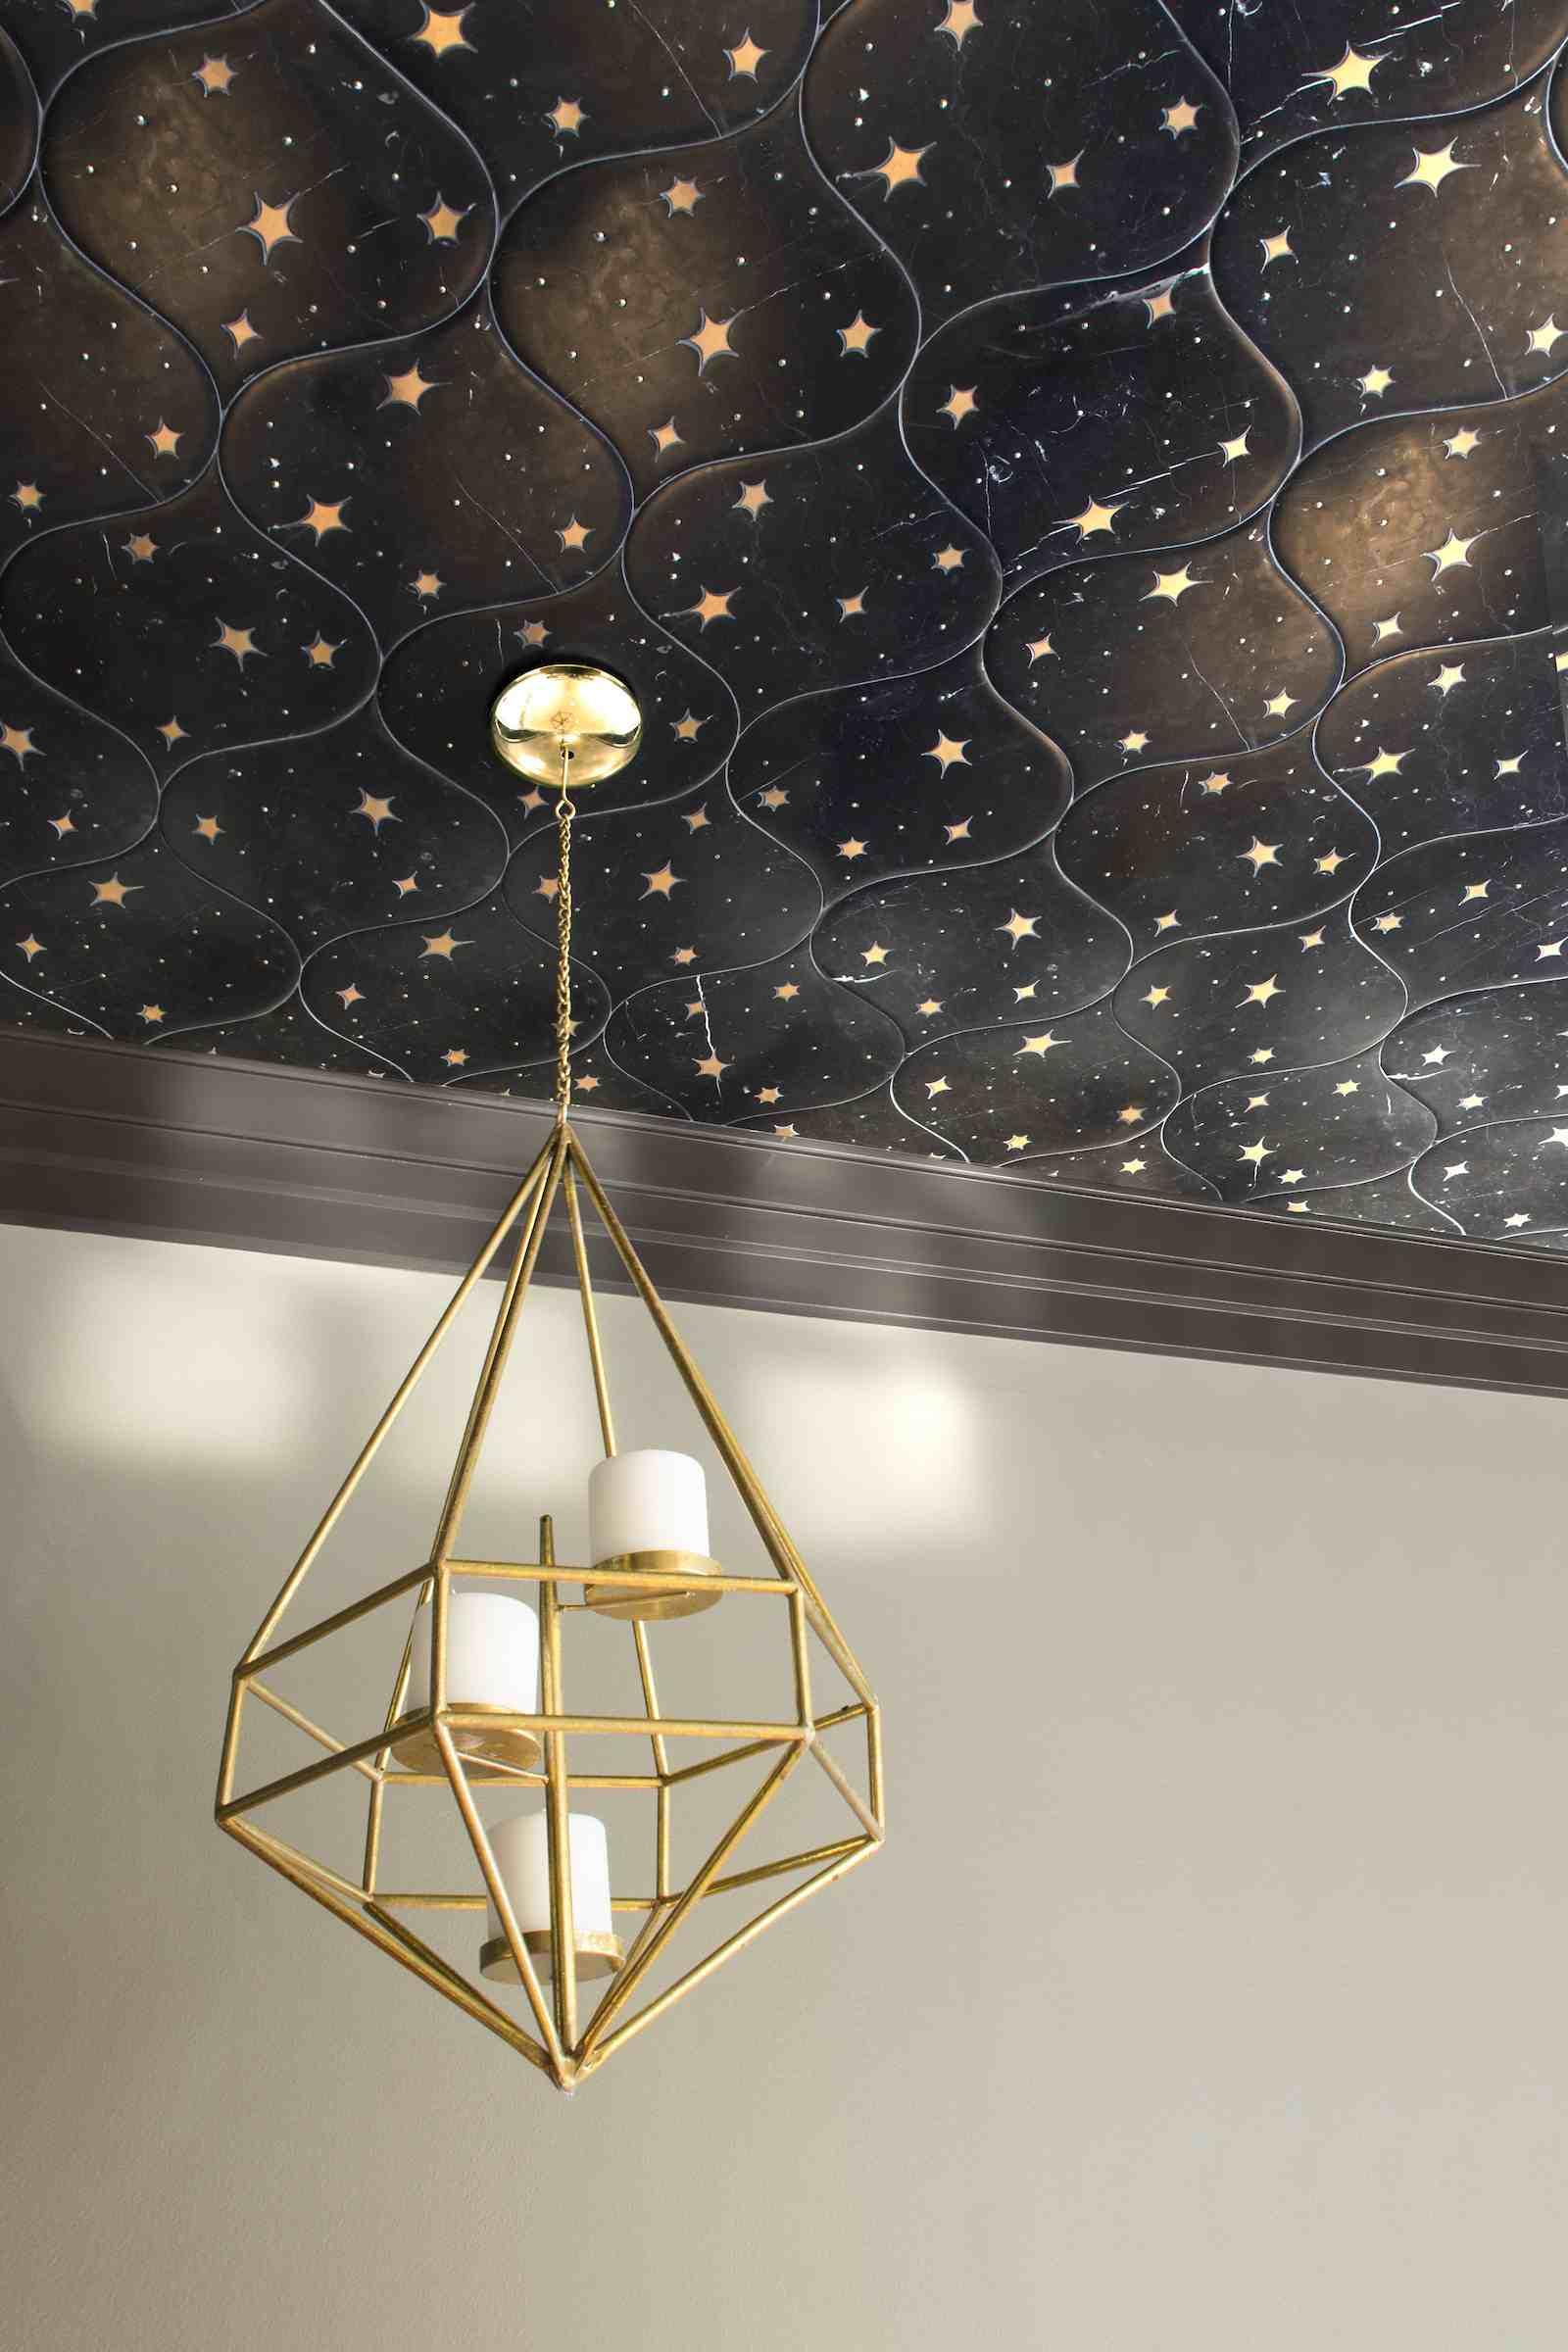 Create a celestial ceiling